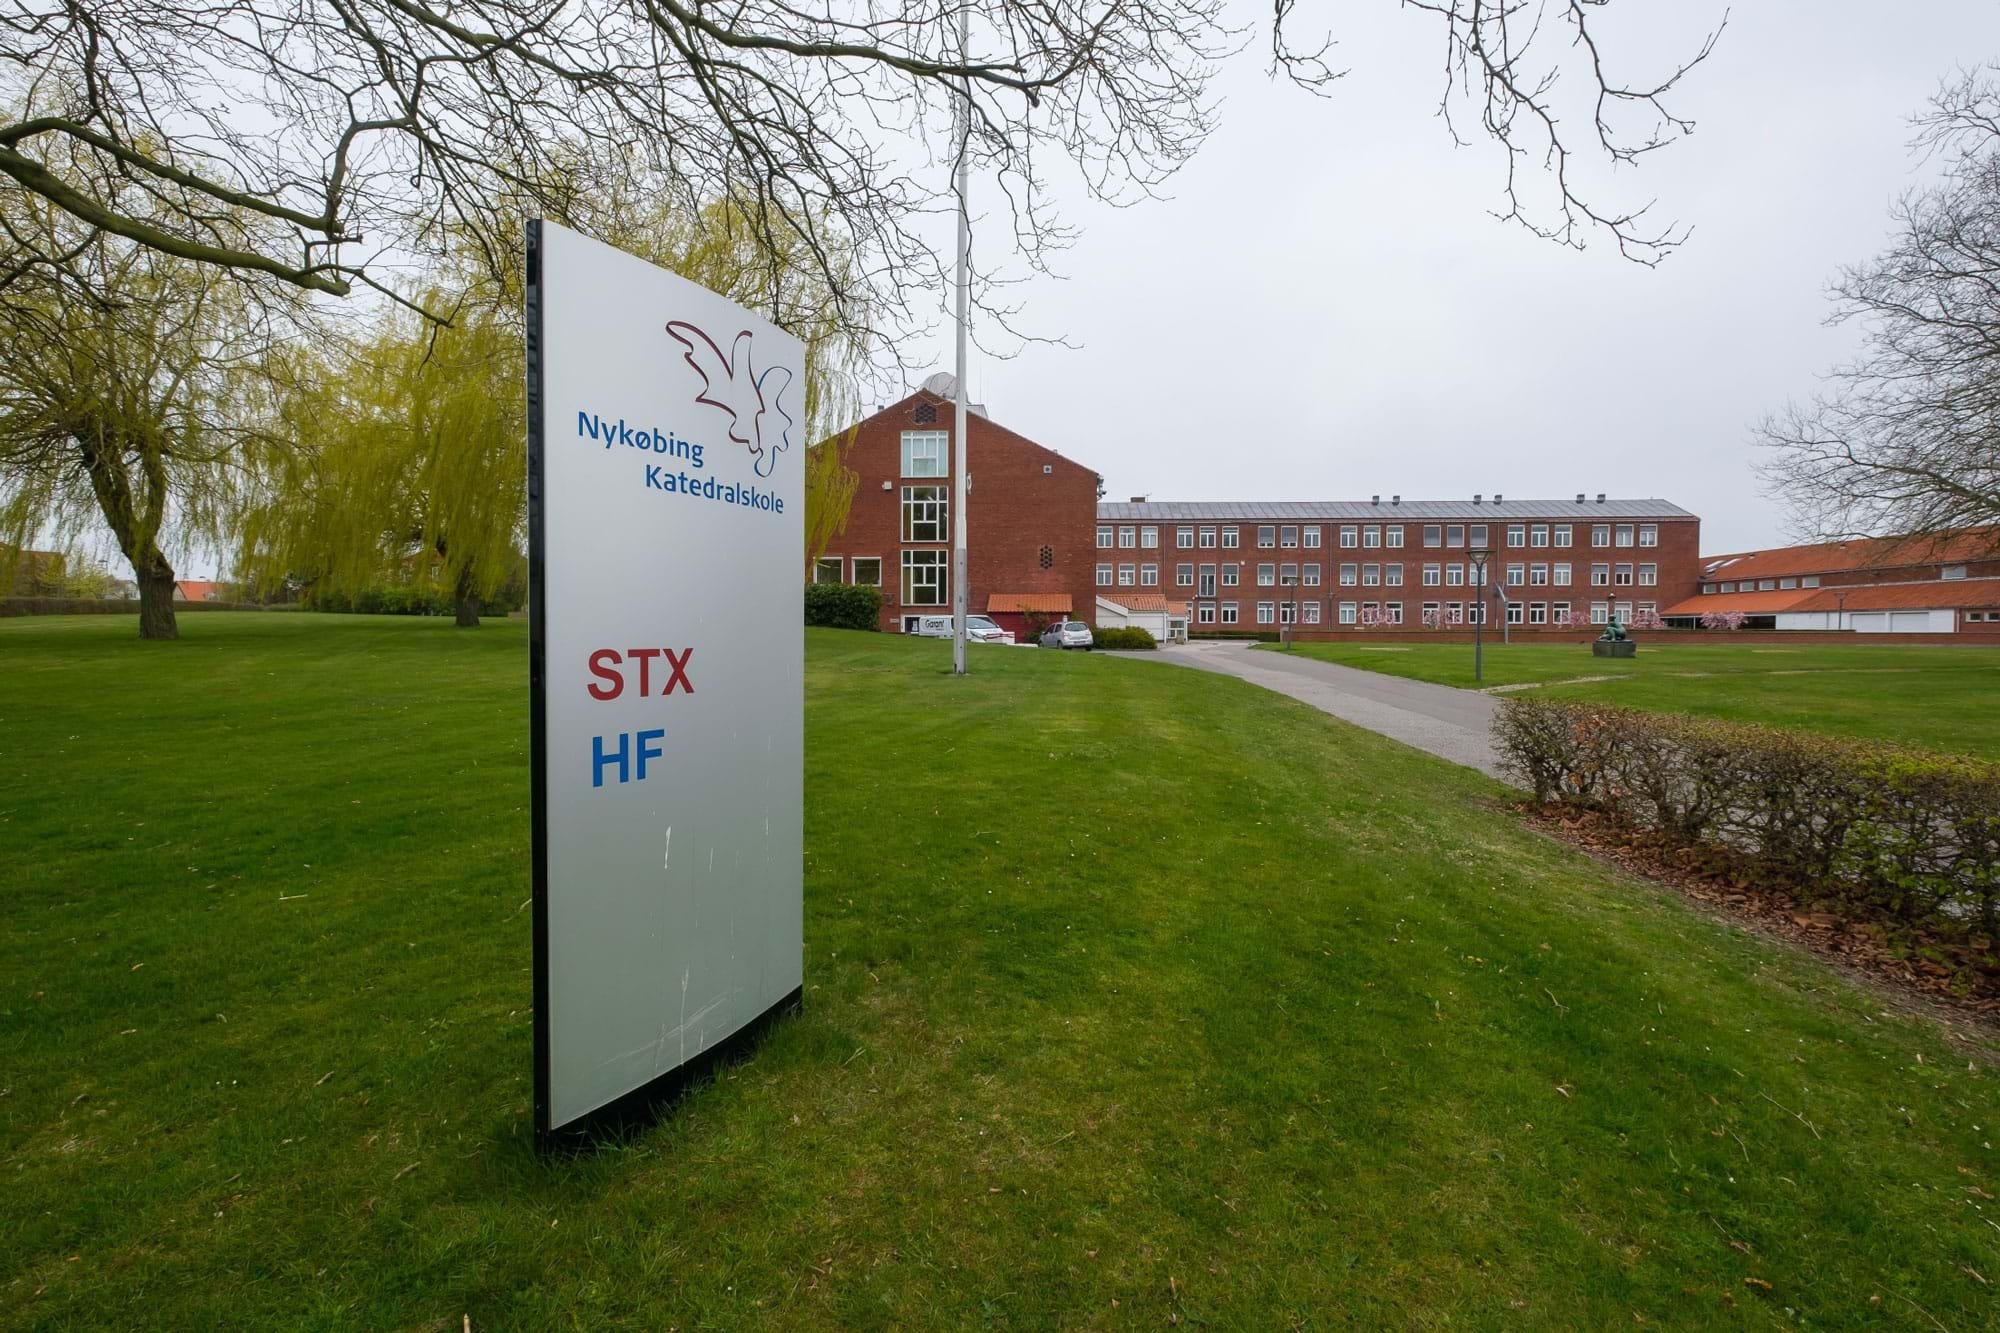 Skilt i forgrunden med STX og HF og i baggrunden Nykøbing Katedralskole